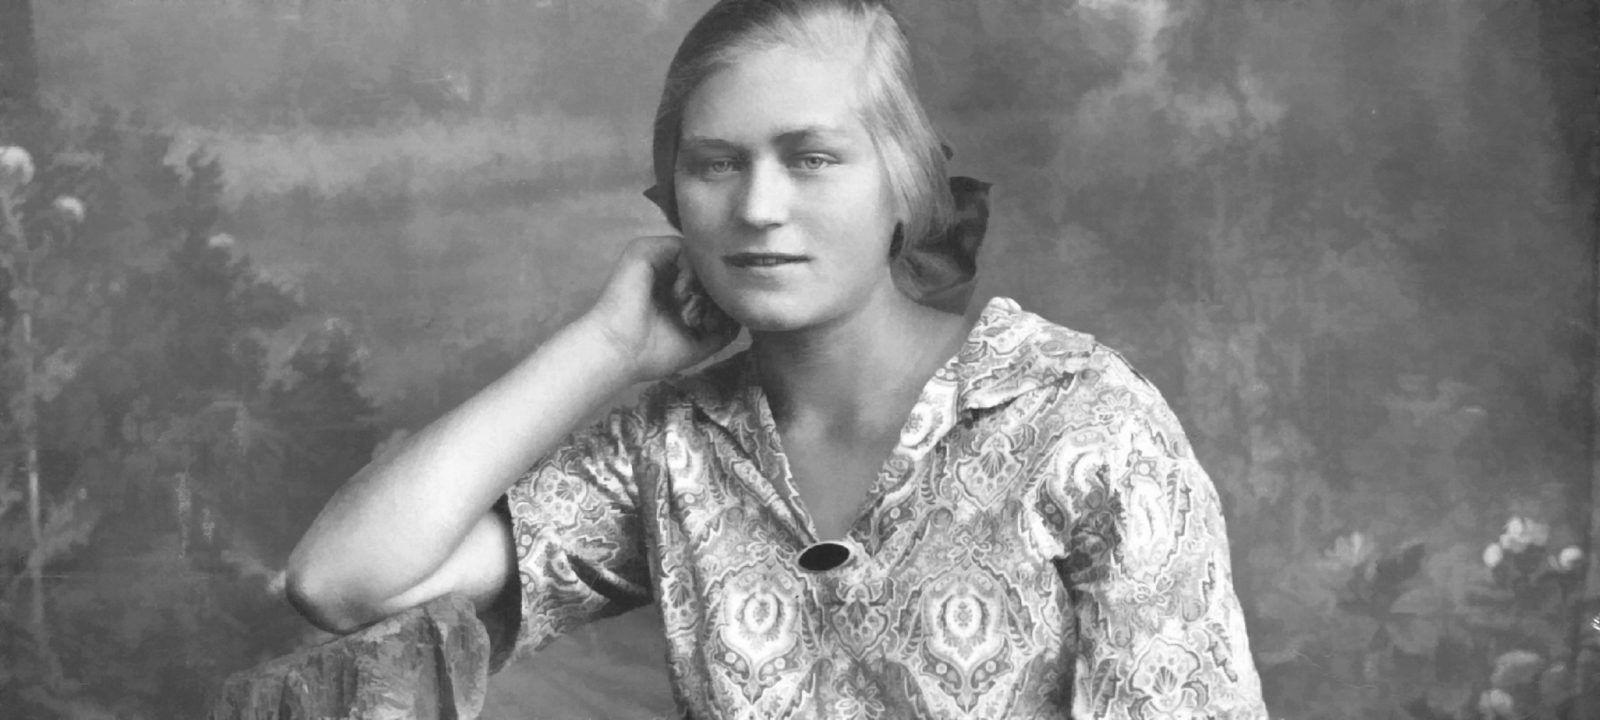 Русская немка юная Ирма Мартенс в своем родном селе Великокняжском